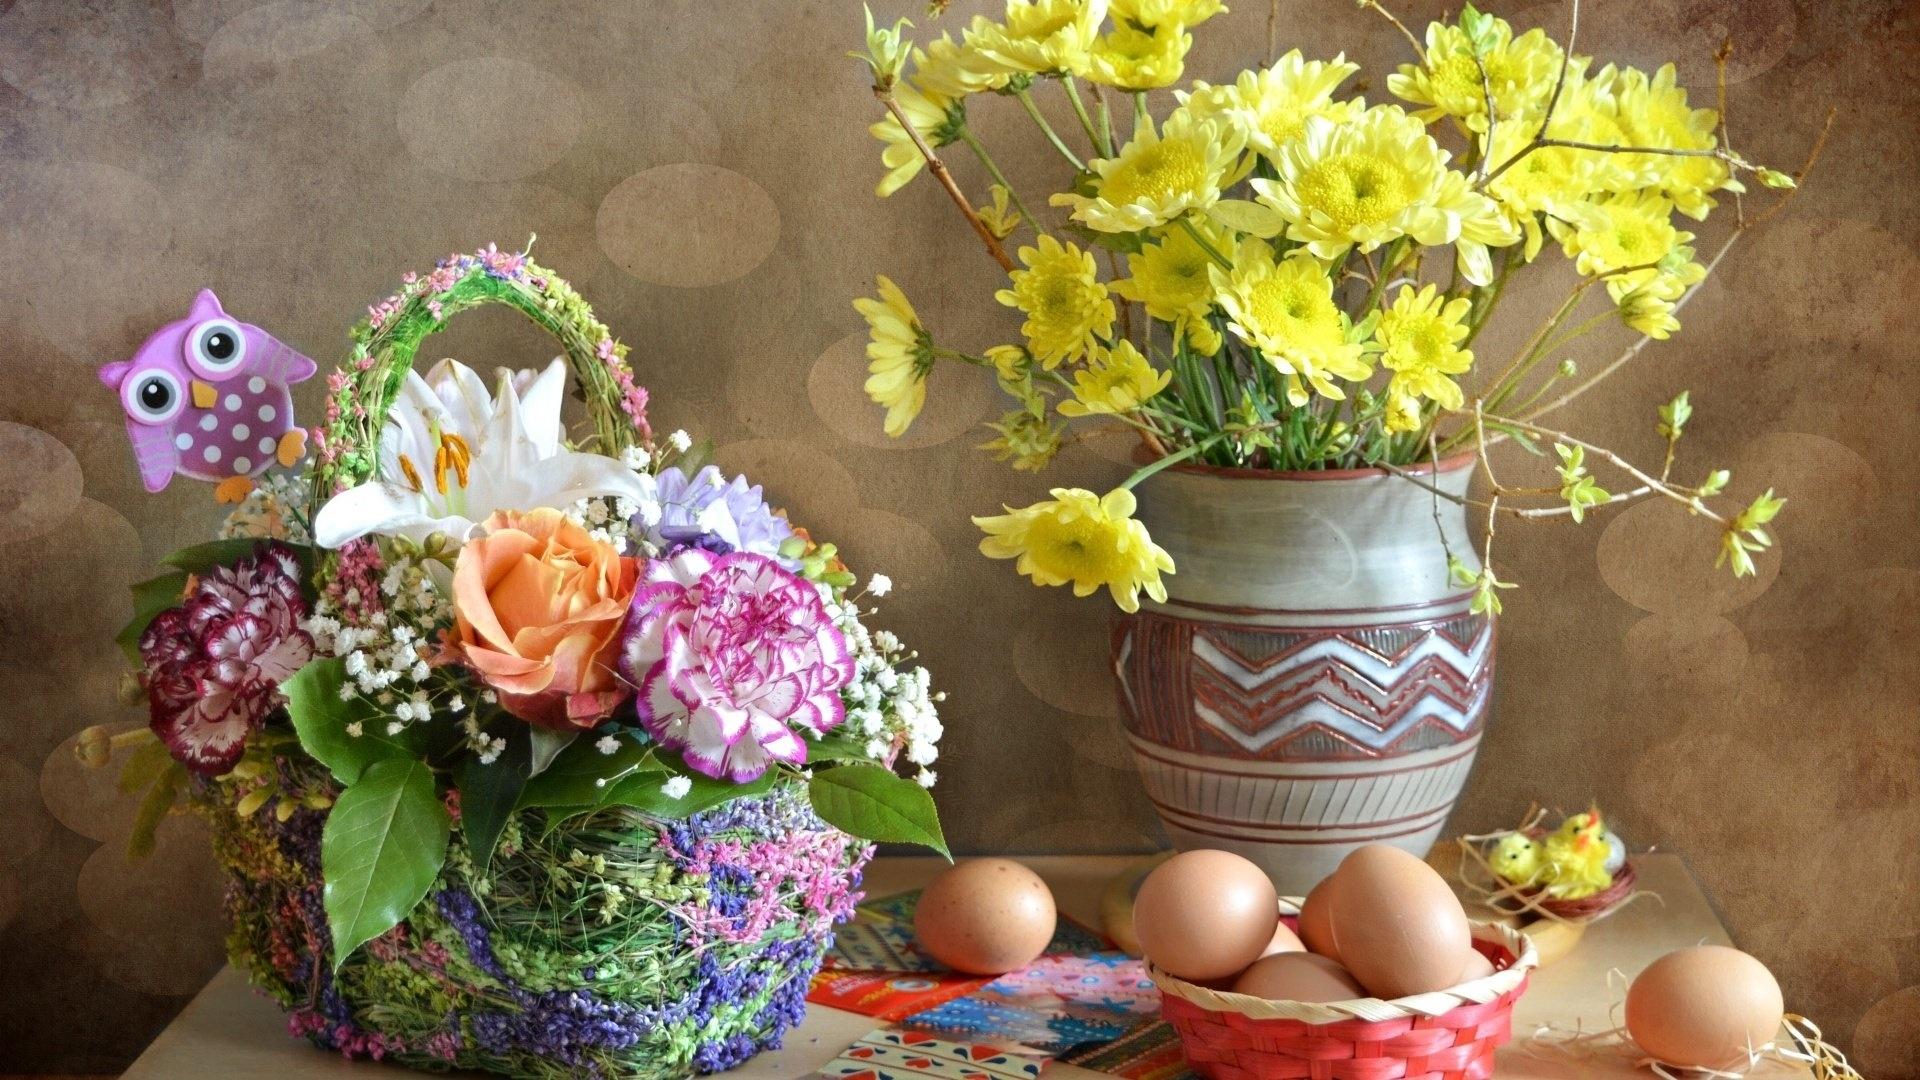 Easter Flowers wallpaper for pc